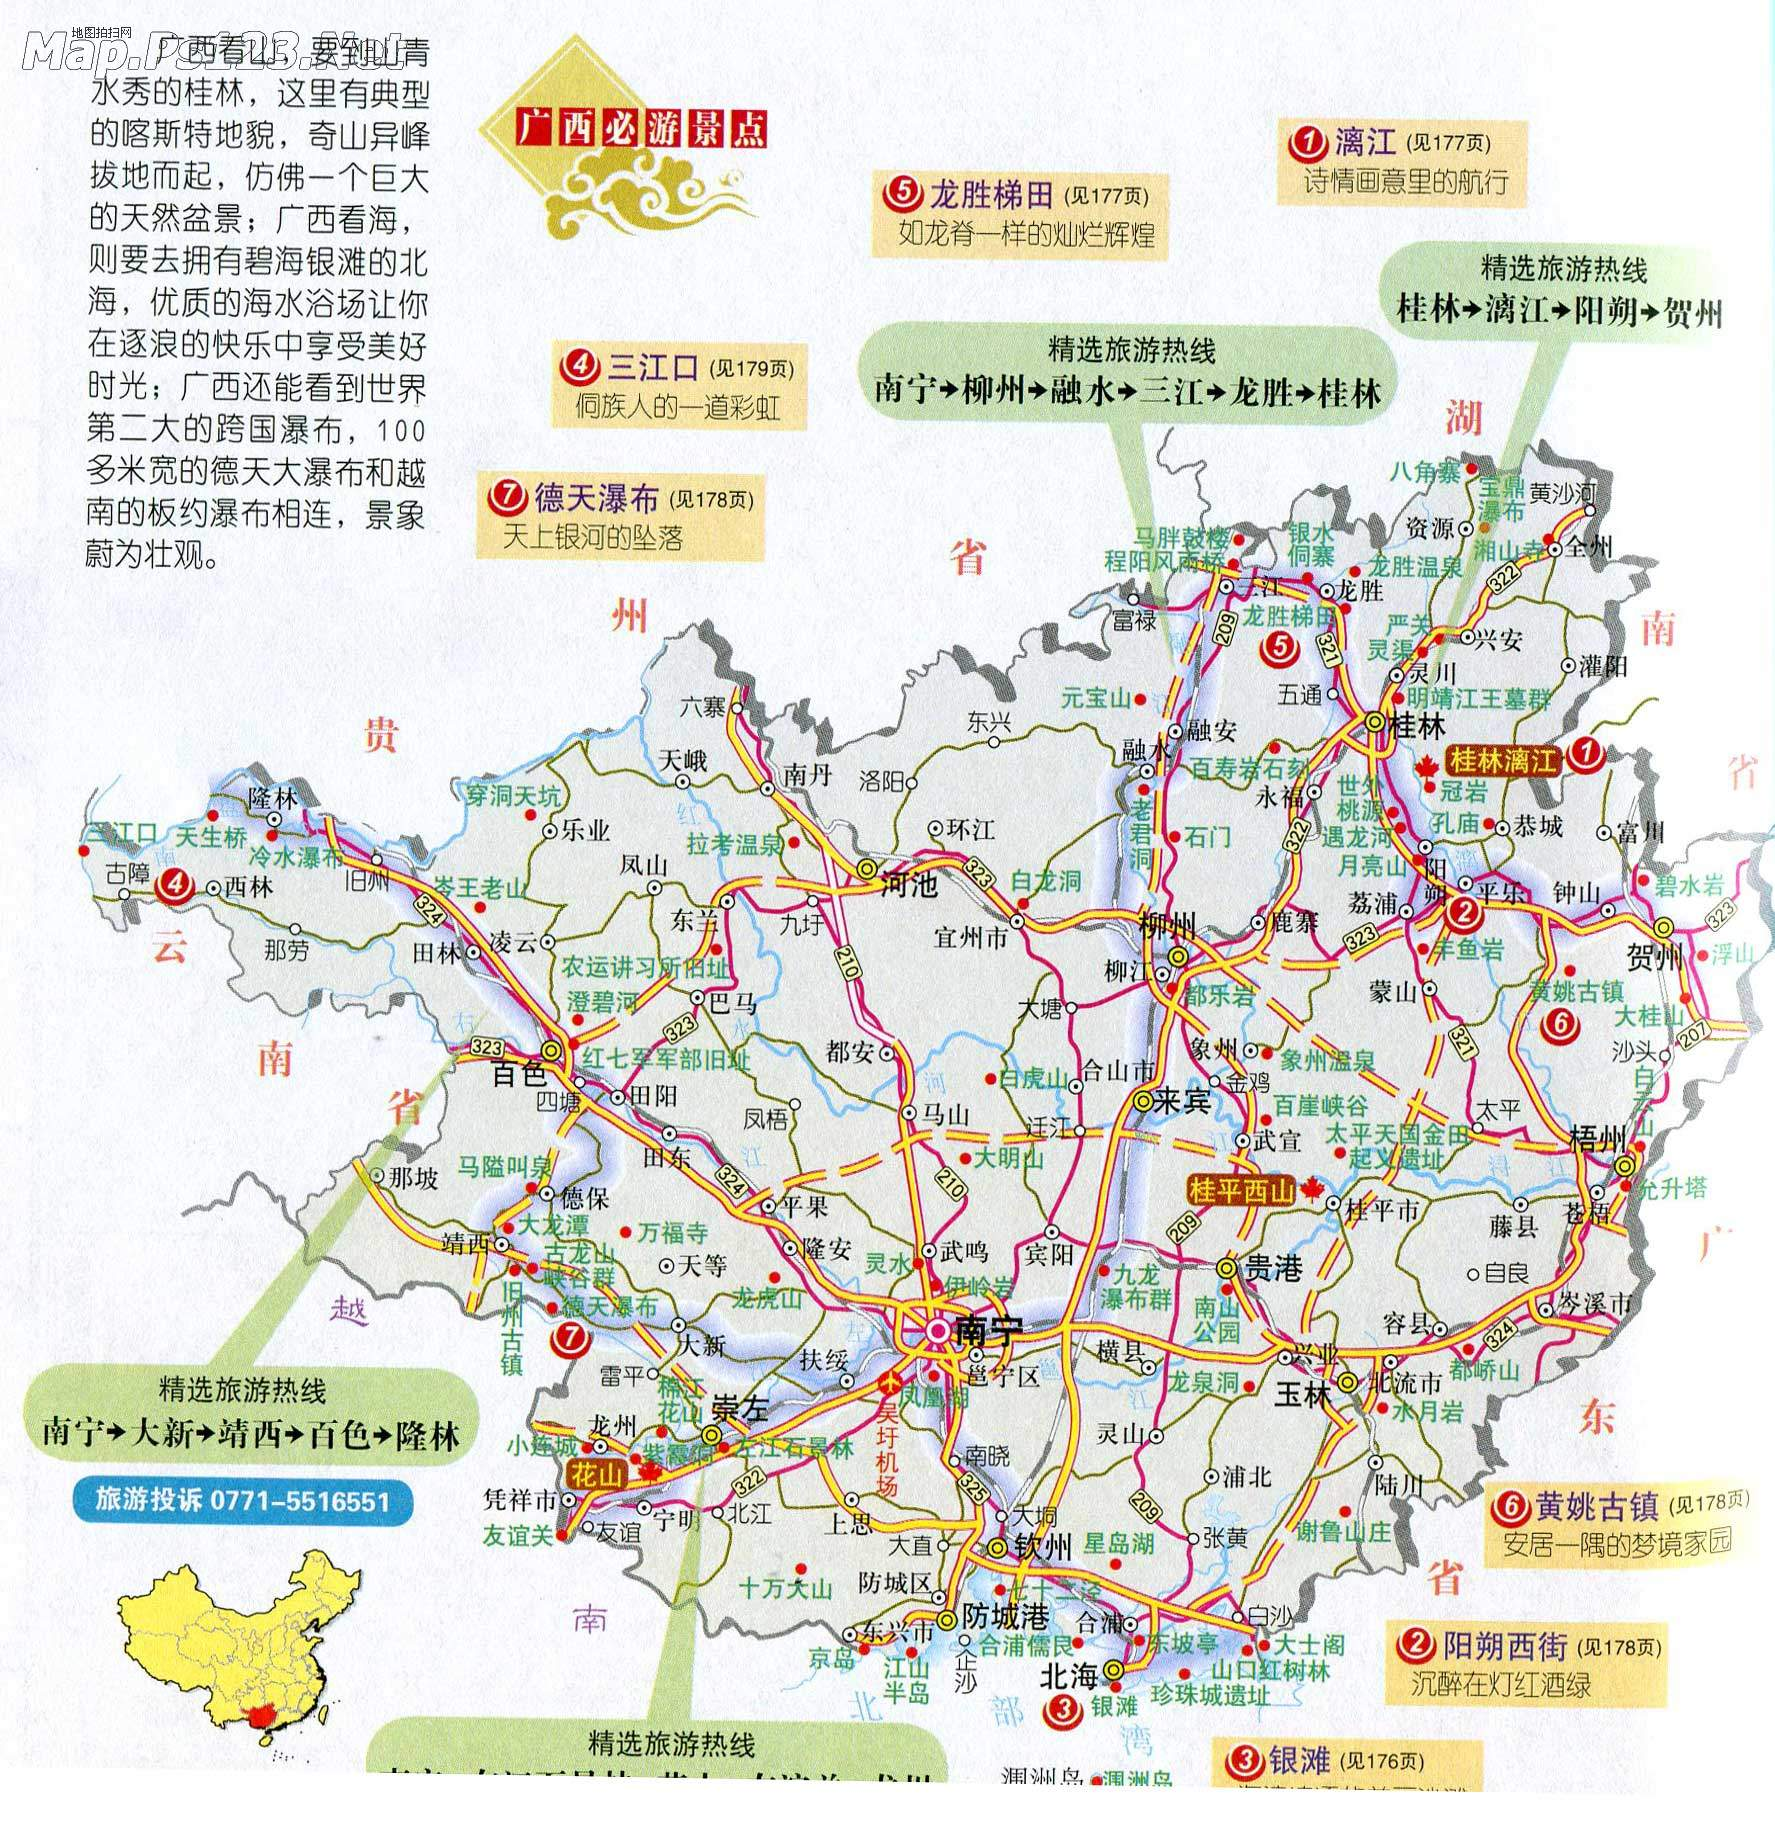 广西旅游地图(必游景点)图片